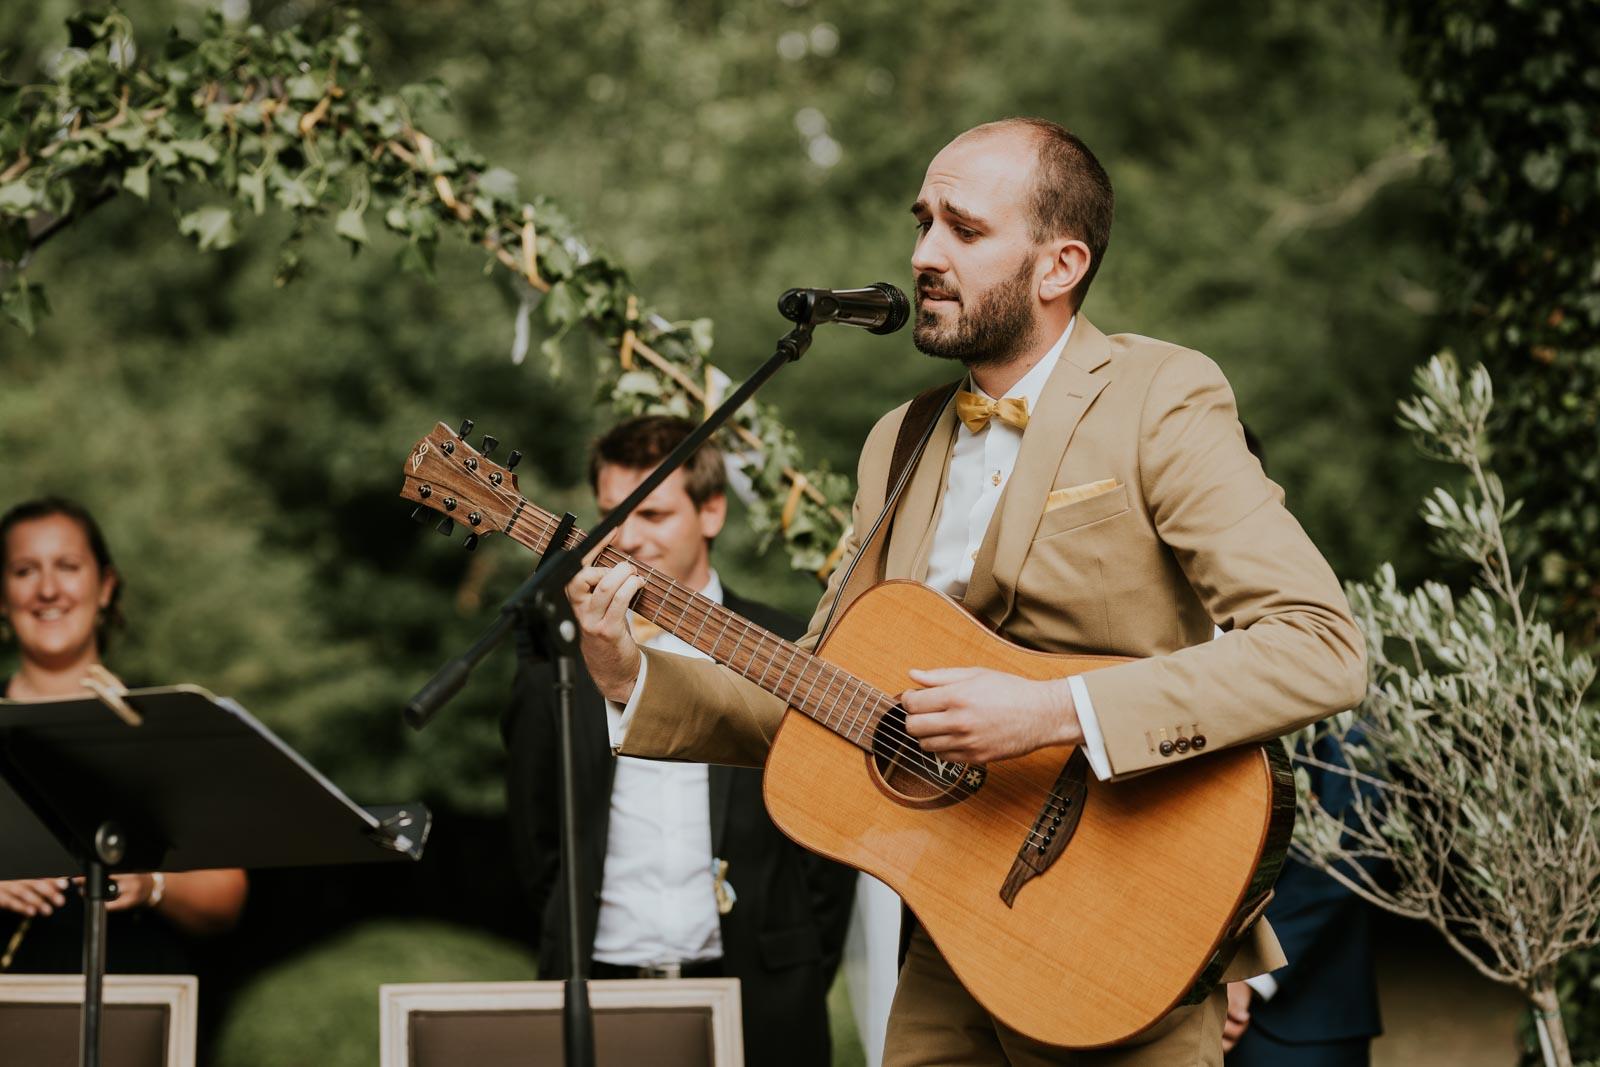 Voeux du marié en musique - Cérémonie laïque… Chateau de Morbecque…